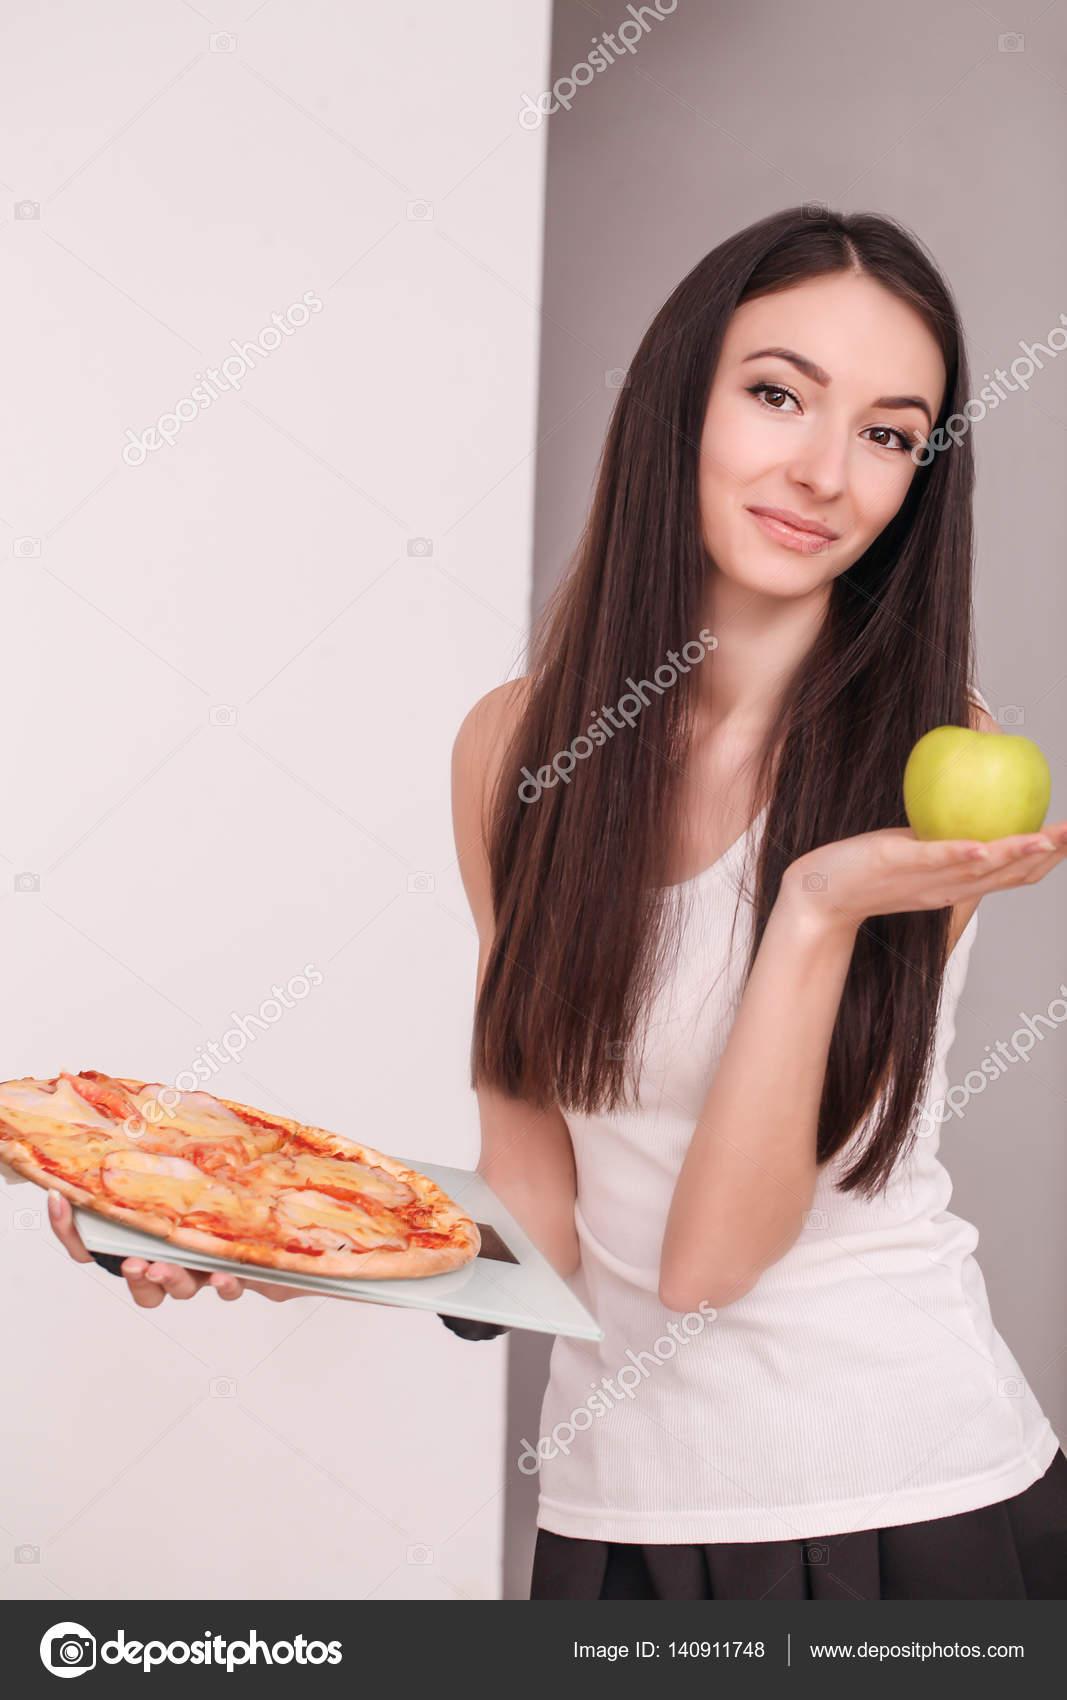 Healthy Female Figure